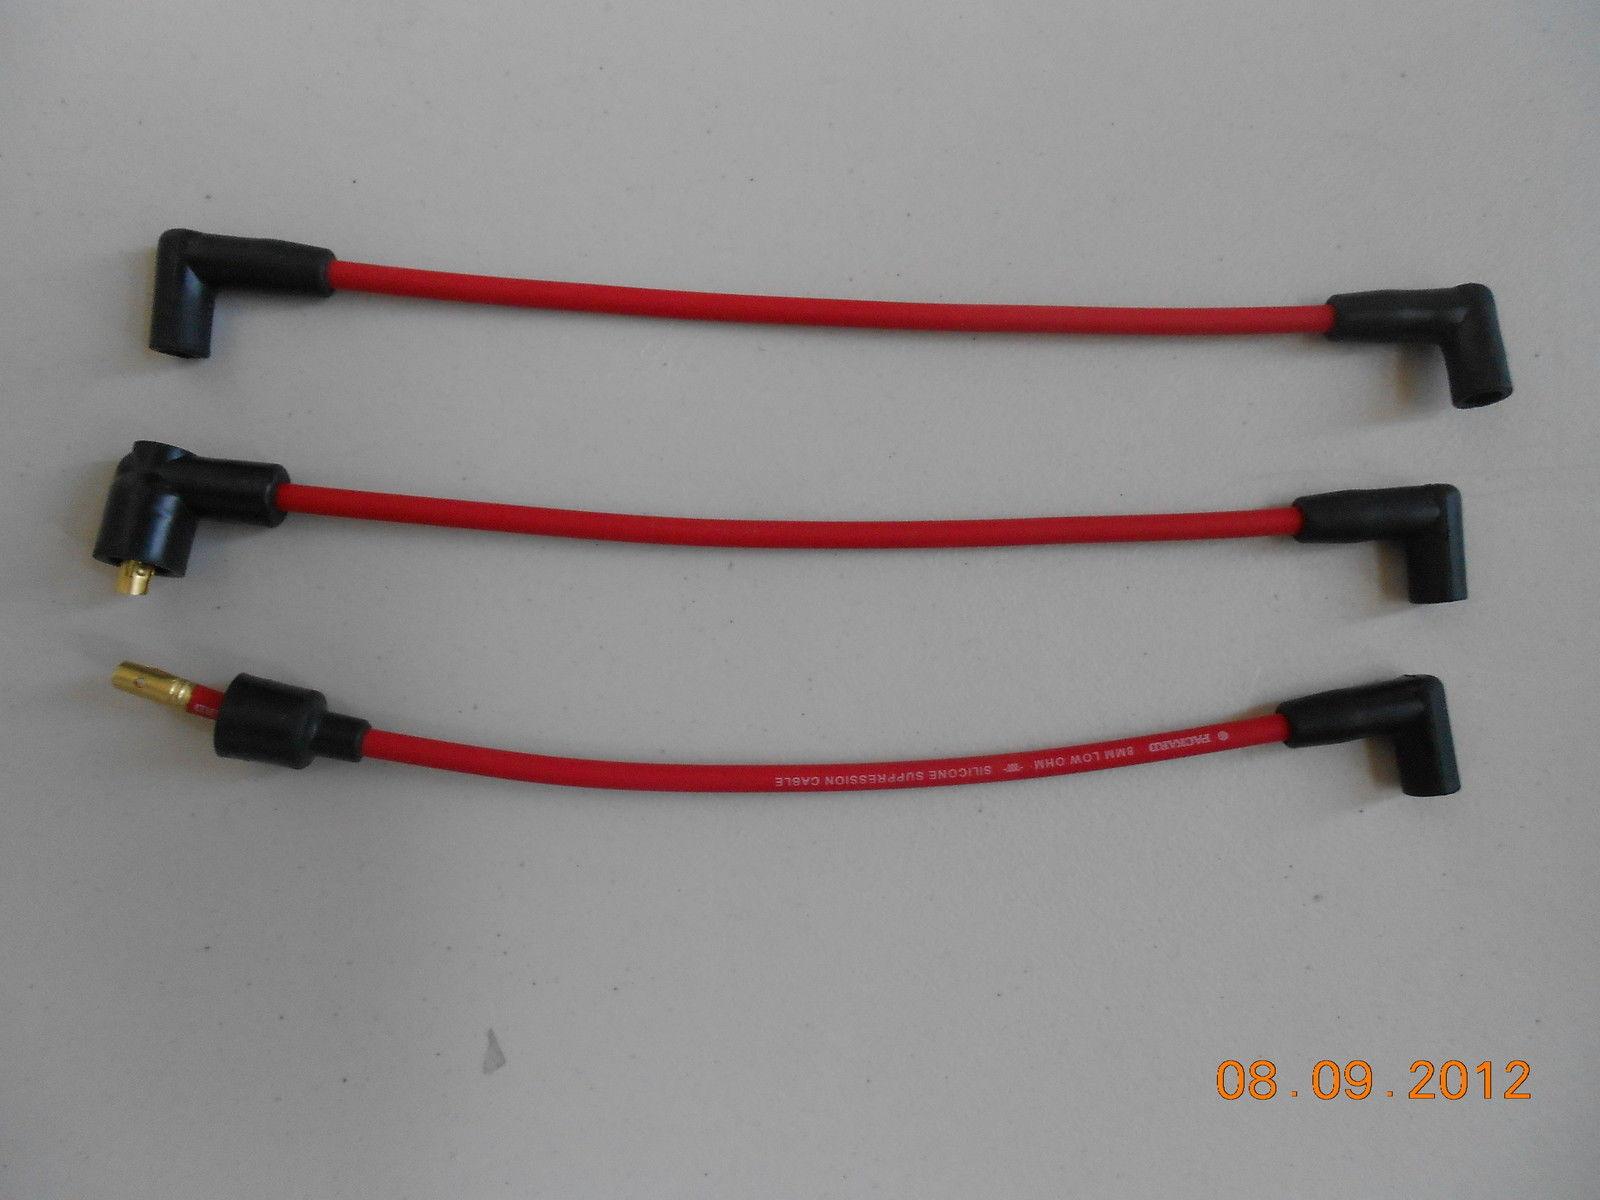 Homme-Filtre Paquet Saab 9-3 Convertible ys3f 1.9 TTiD 9-3x 10224908